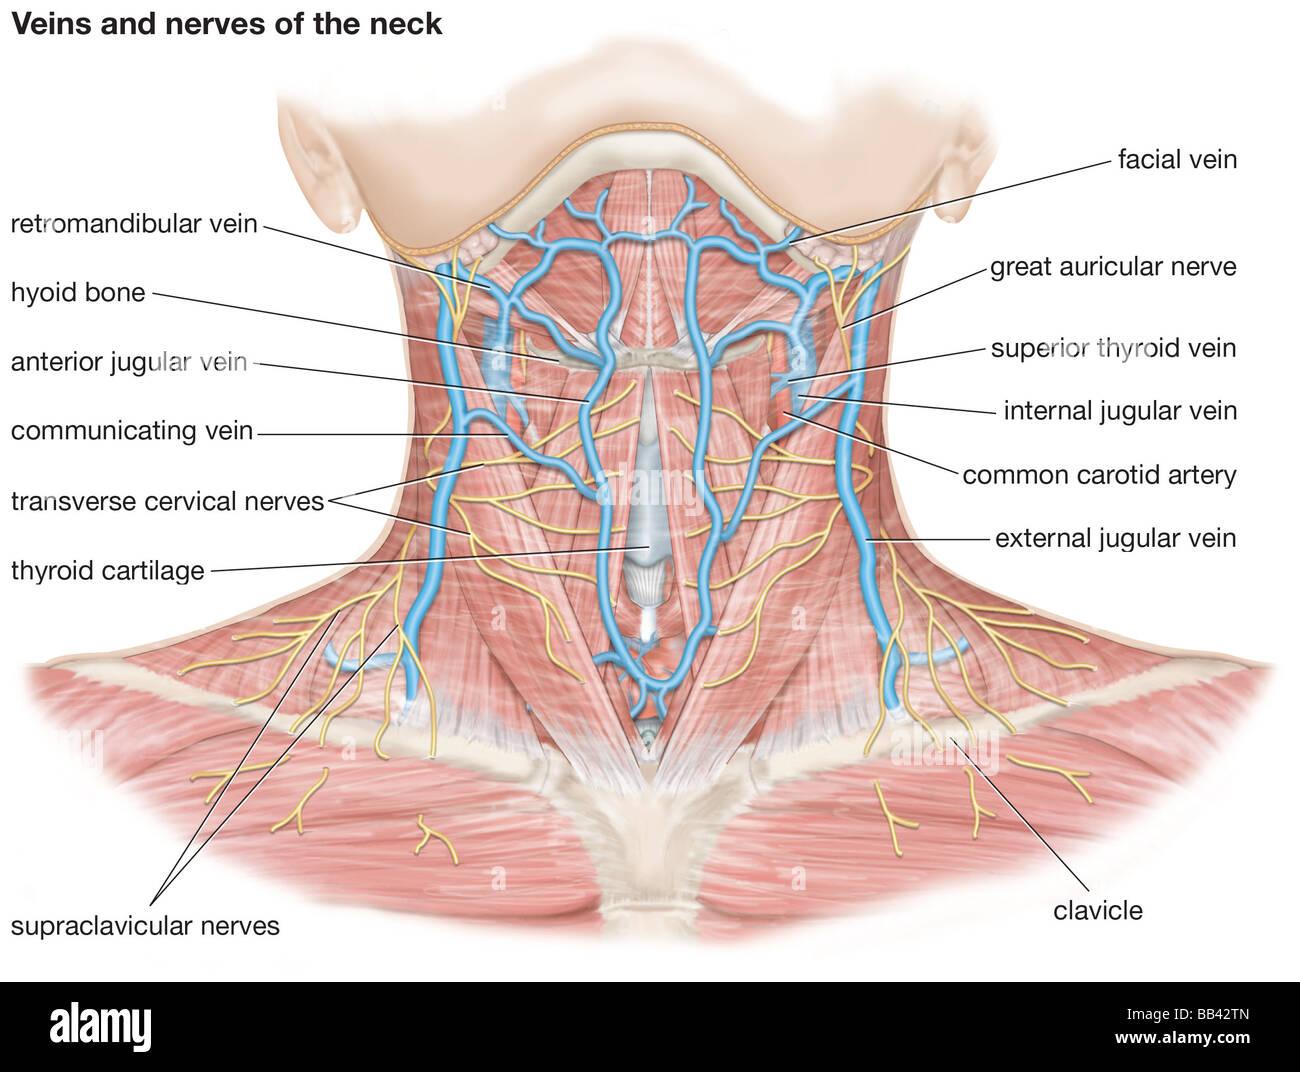 Venen und Nerven des Halses Stockfoto, Bild: 24061653 - Alamy